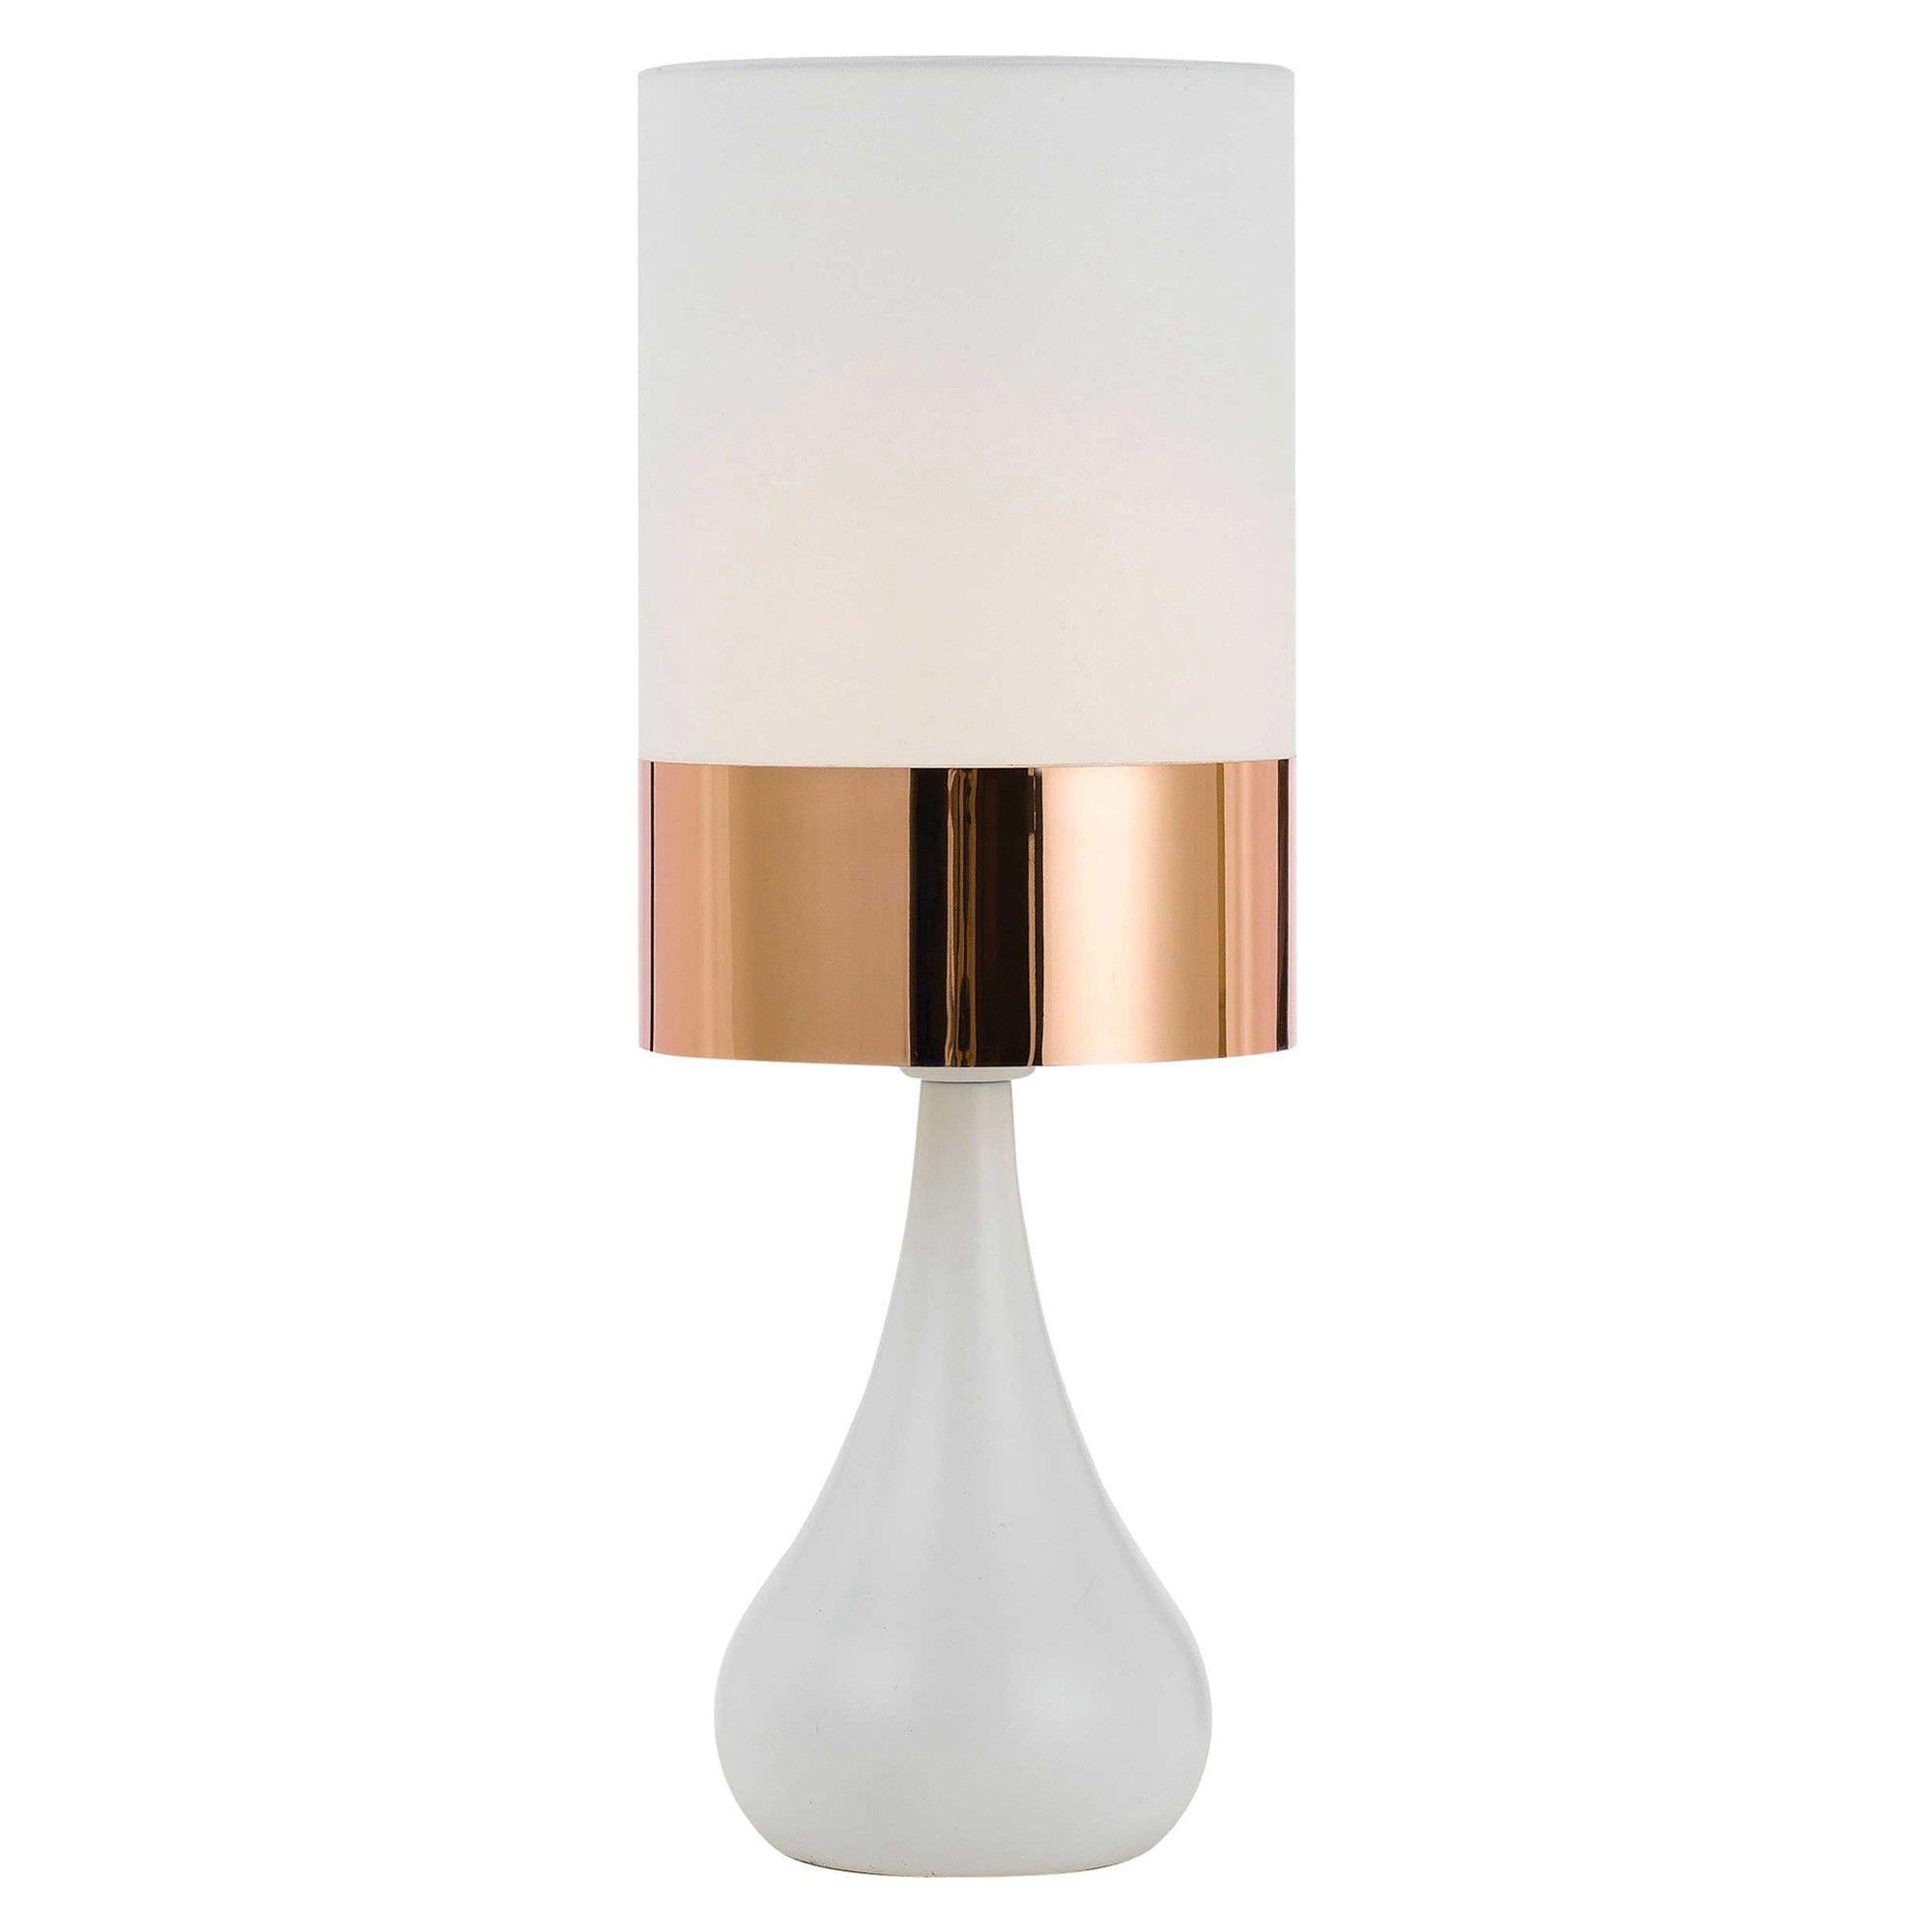 Akira Ceramic Base Table Lamp, White Base / Ivory & Copper Shade